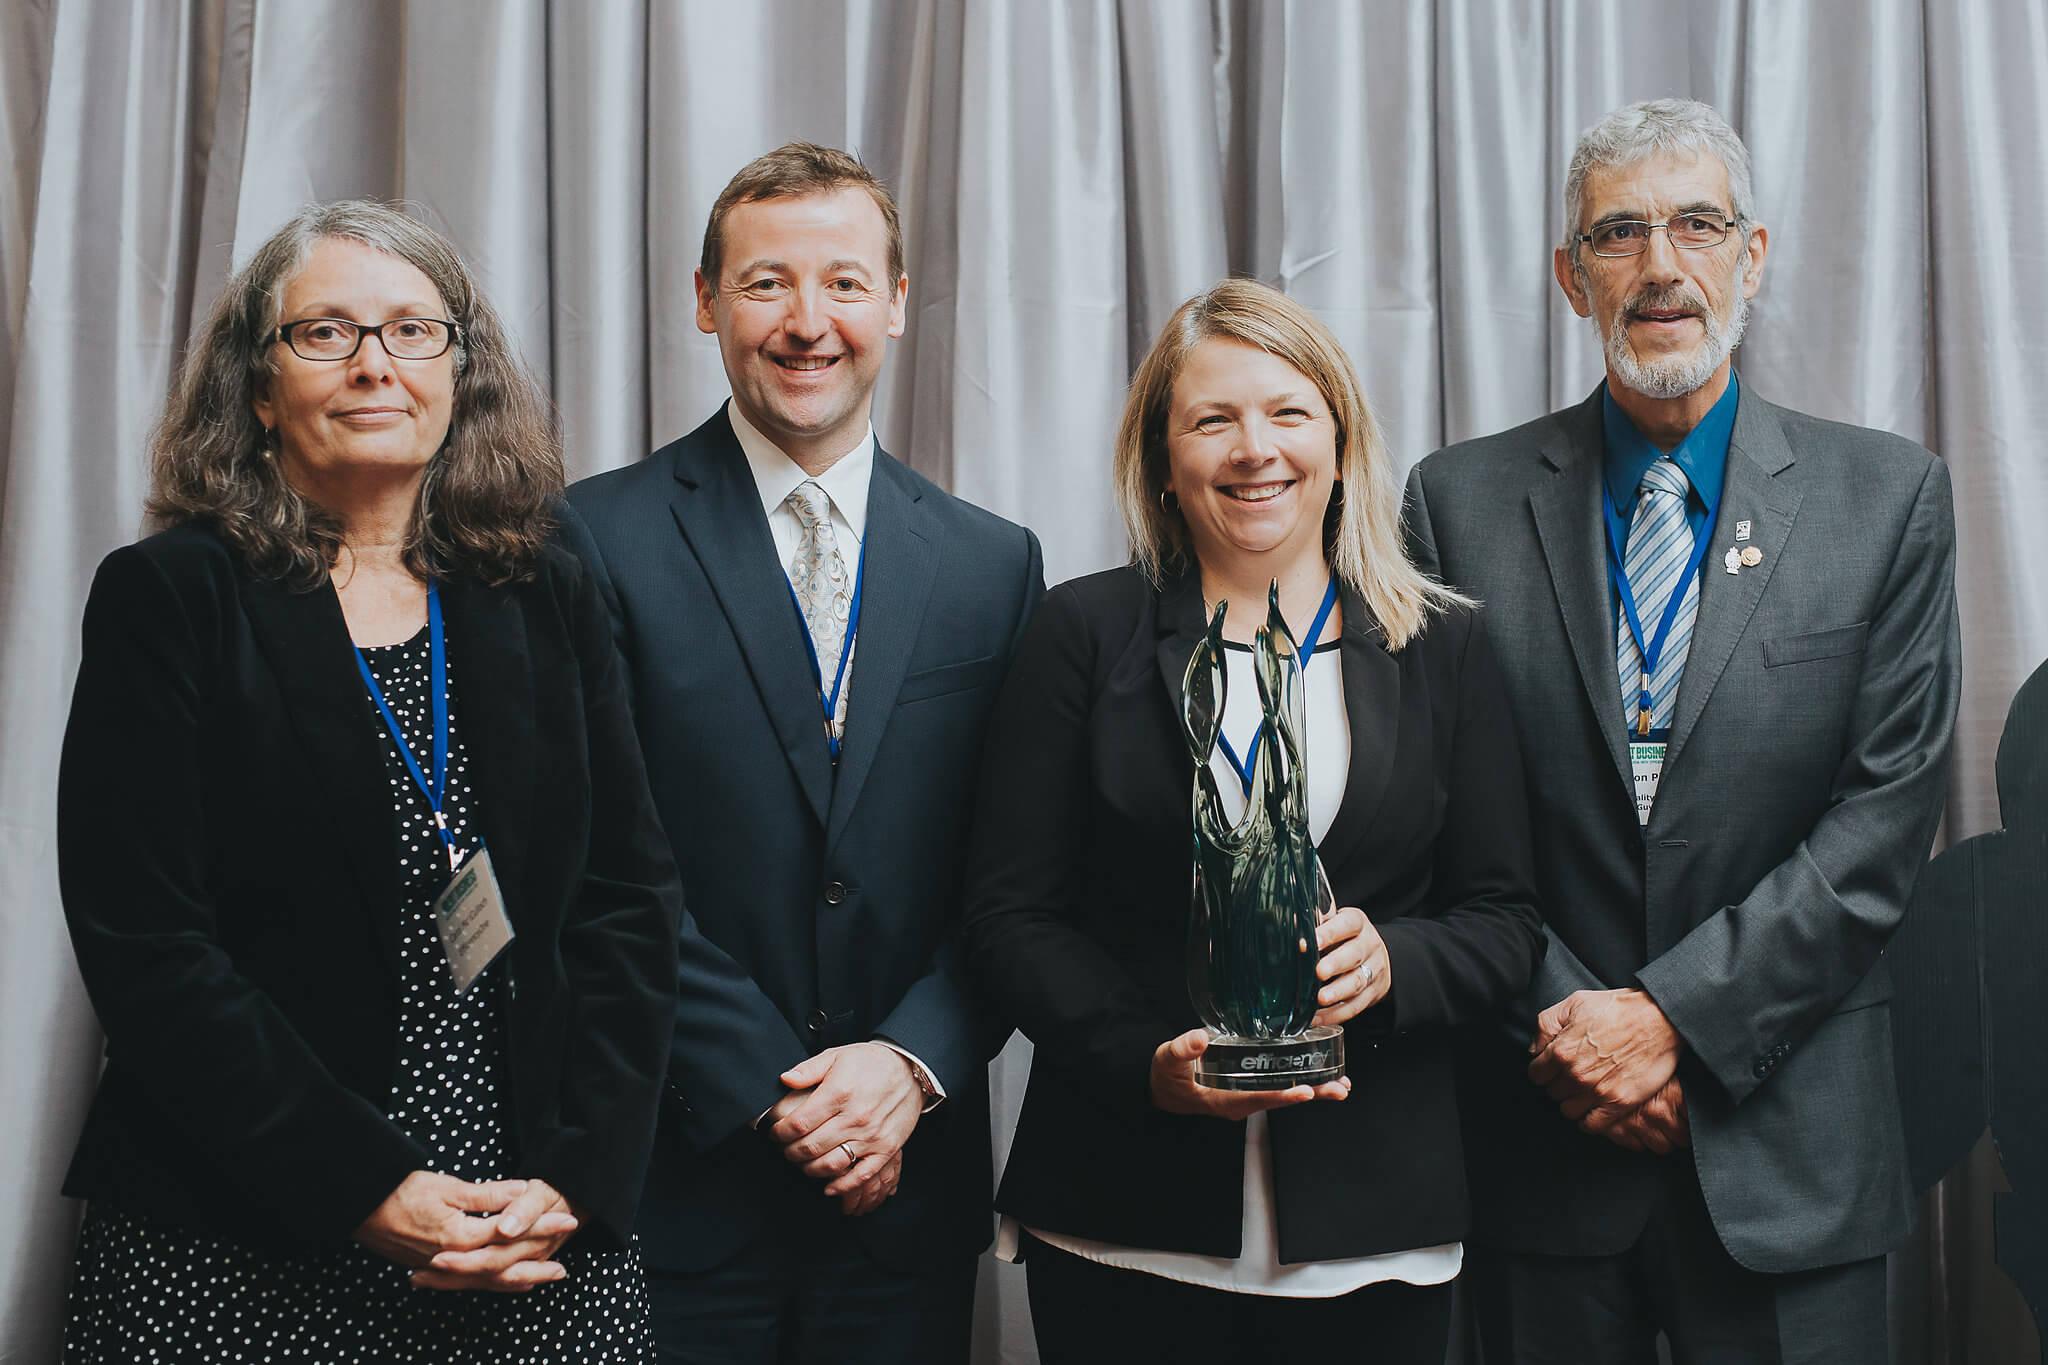 Municipality of Guysborough County Bright Business Community Award 2016